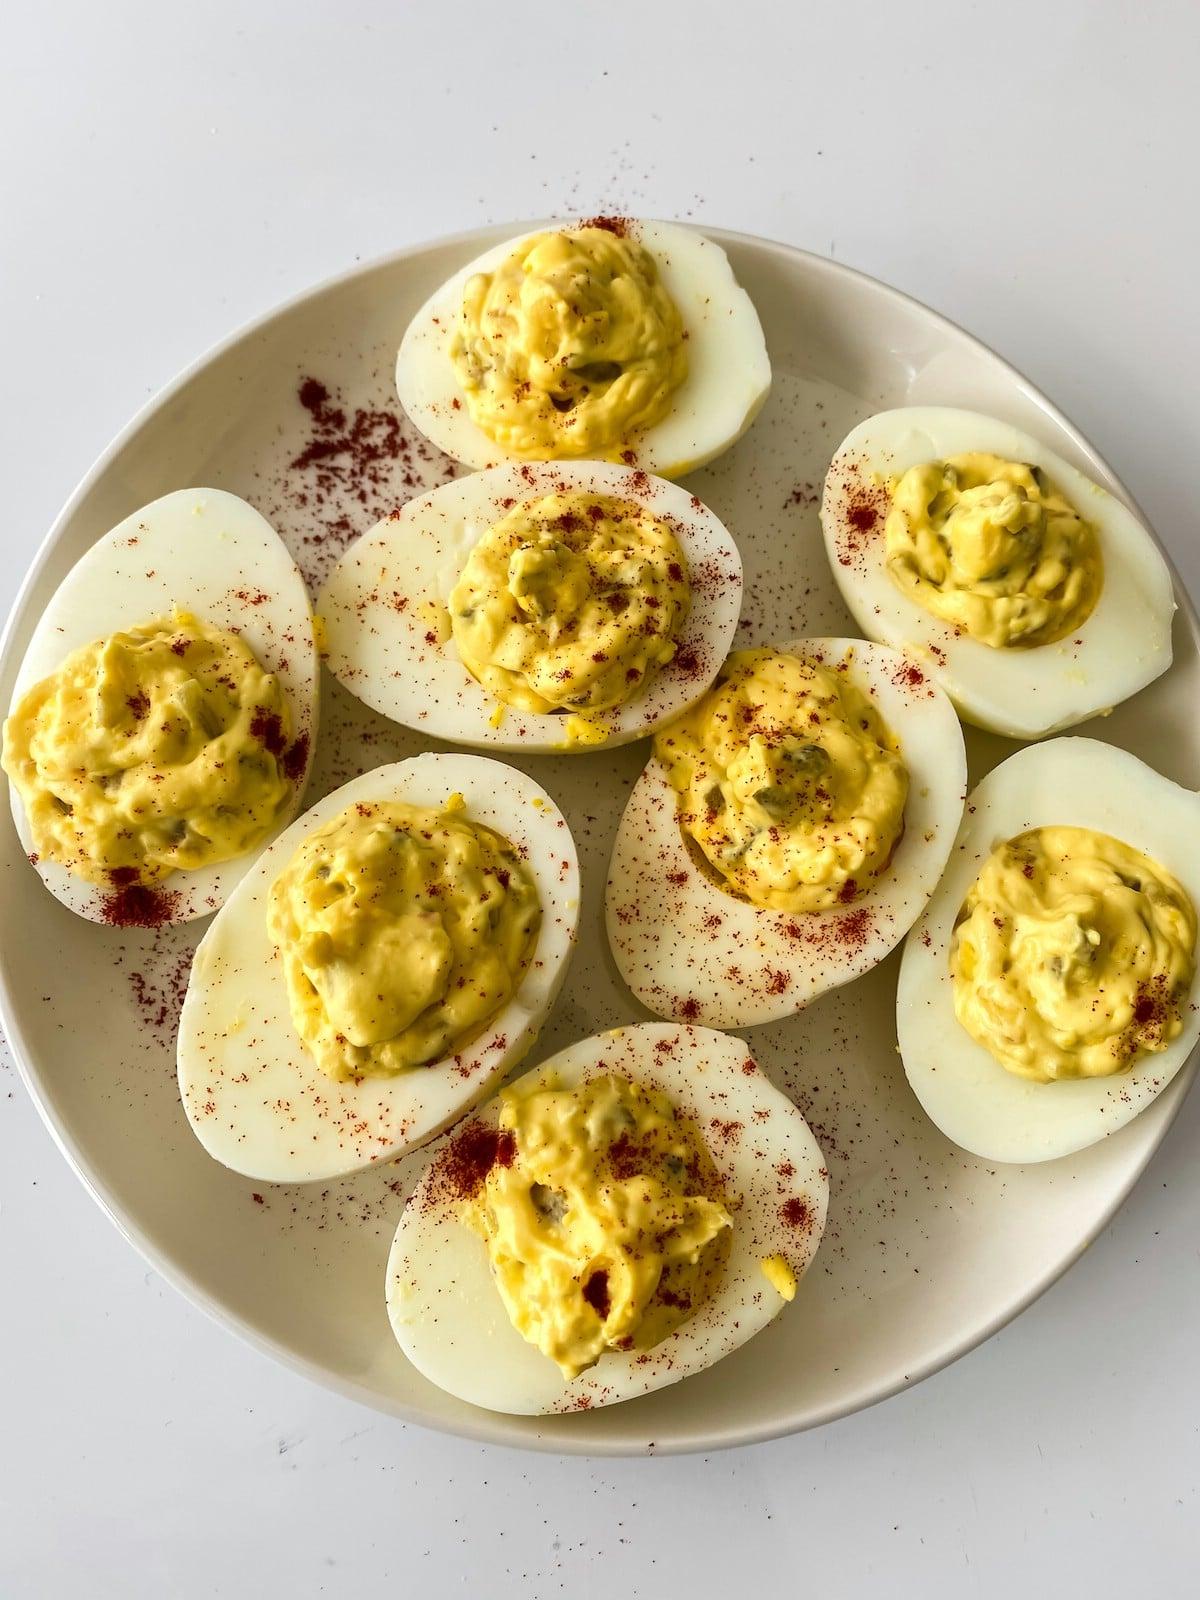 Deviled eggs on white plate